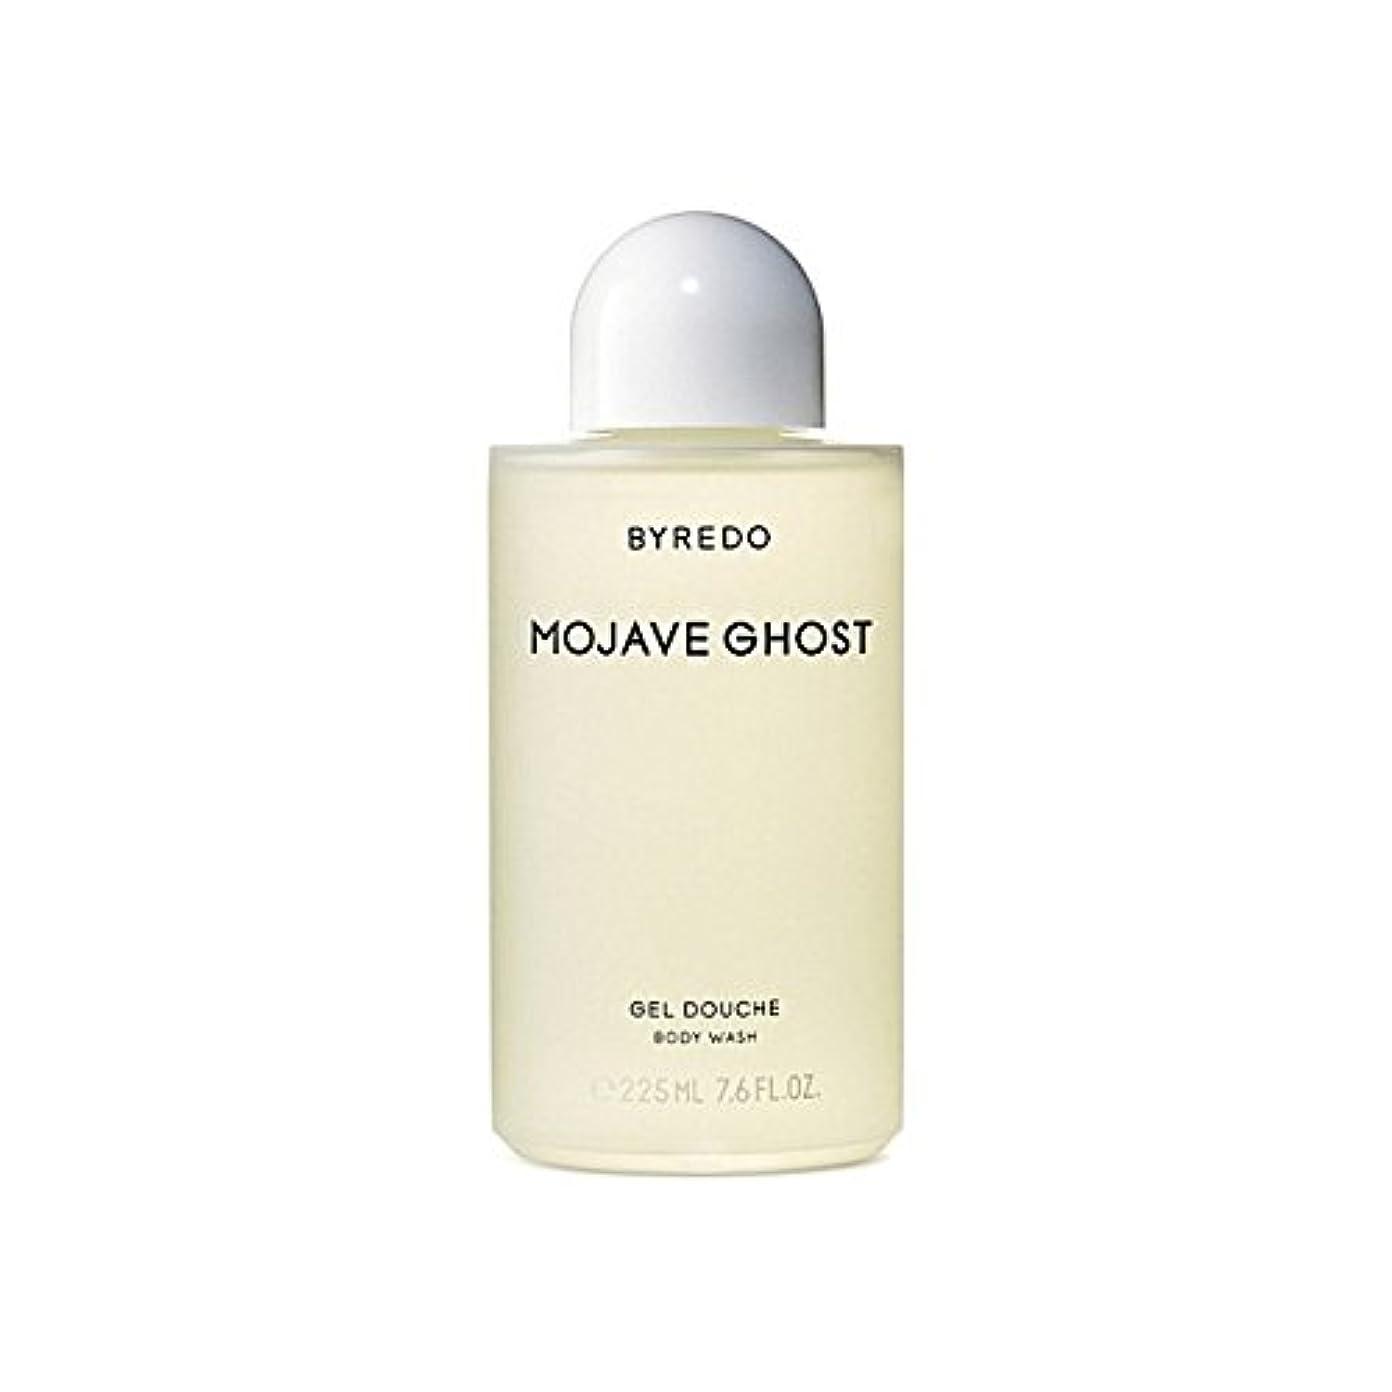 セッティング厄介な黄ばむByredo Mojave Ghost Body Wash 225ml - モハーベゴーストボディウォッシュ225ミリリットル [並行輸入品]